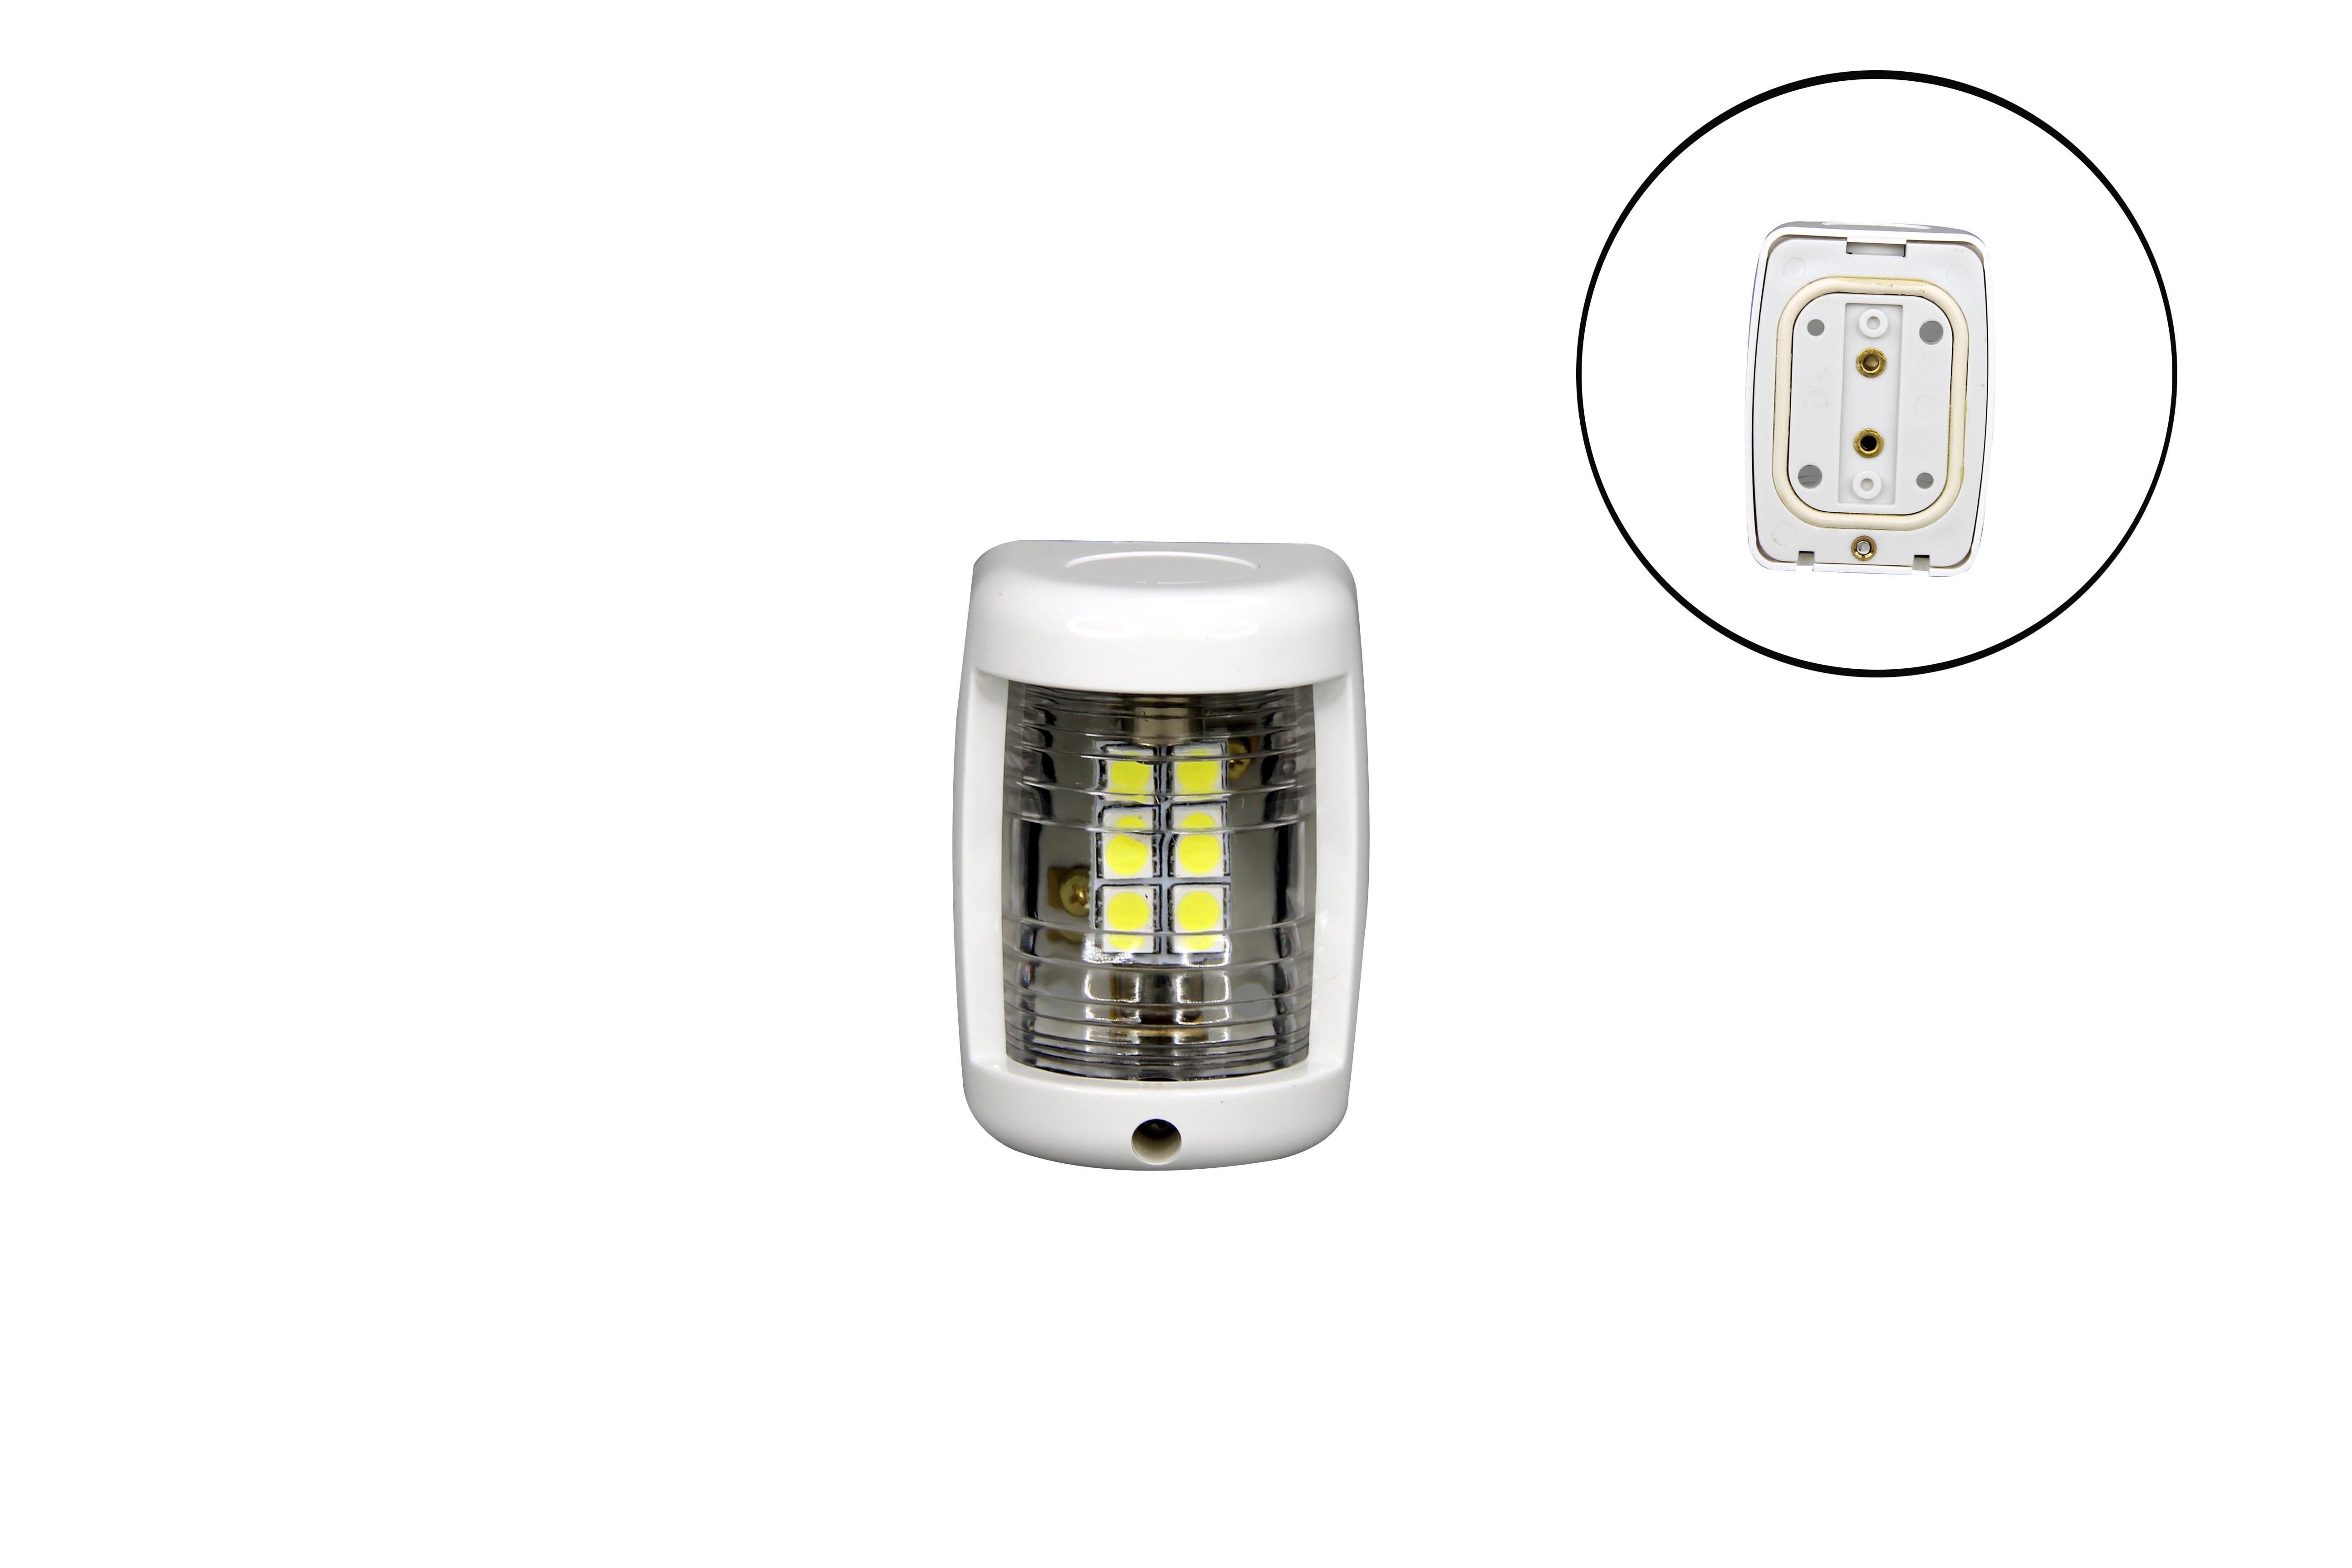 Boat Mini White Stern LED navigation Light 12v up to 2NM